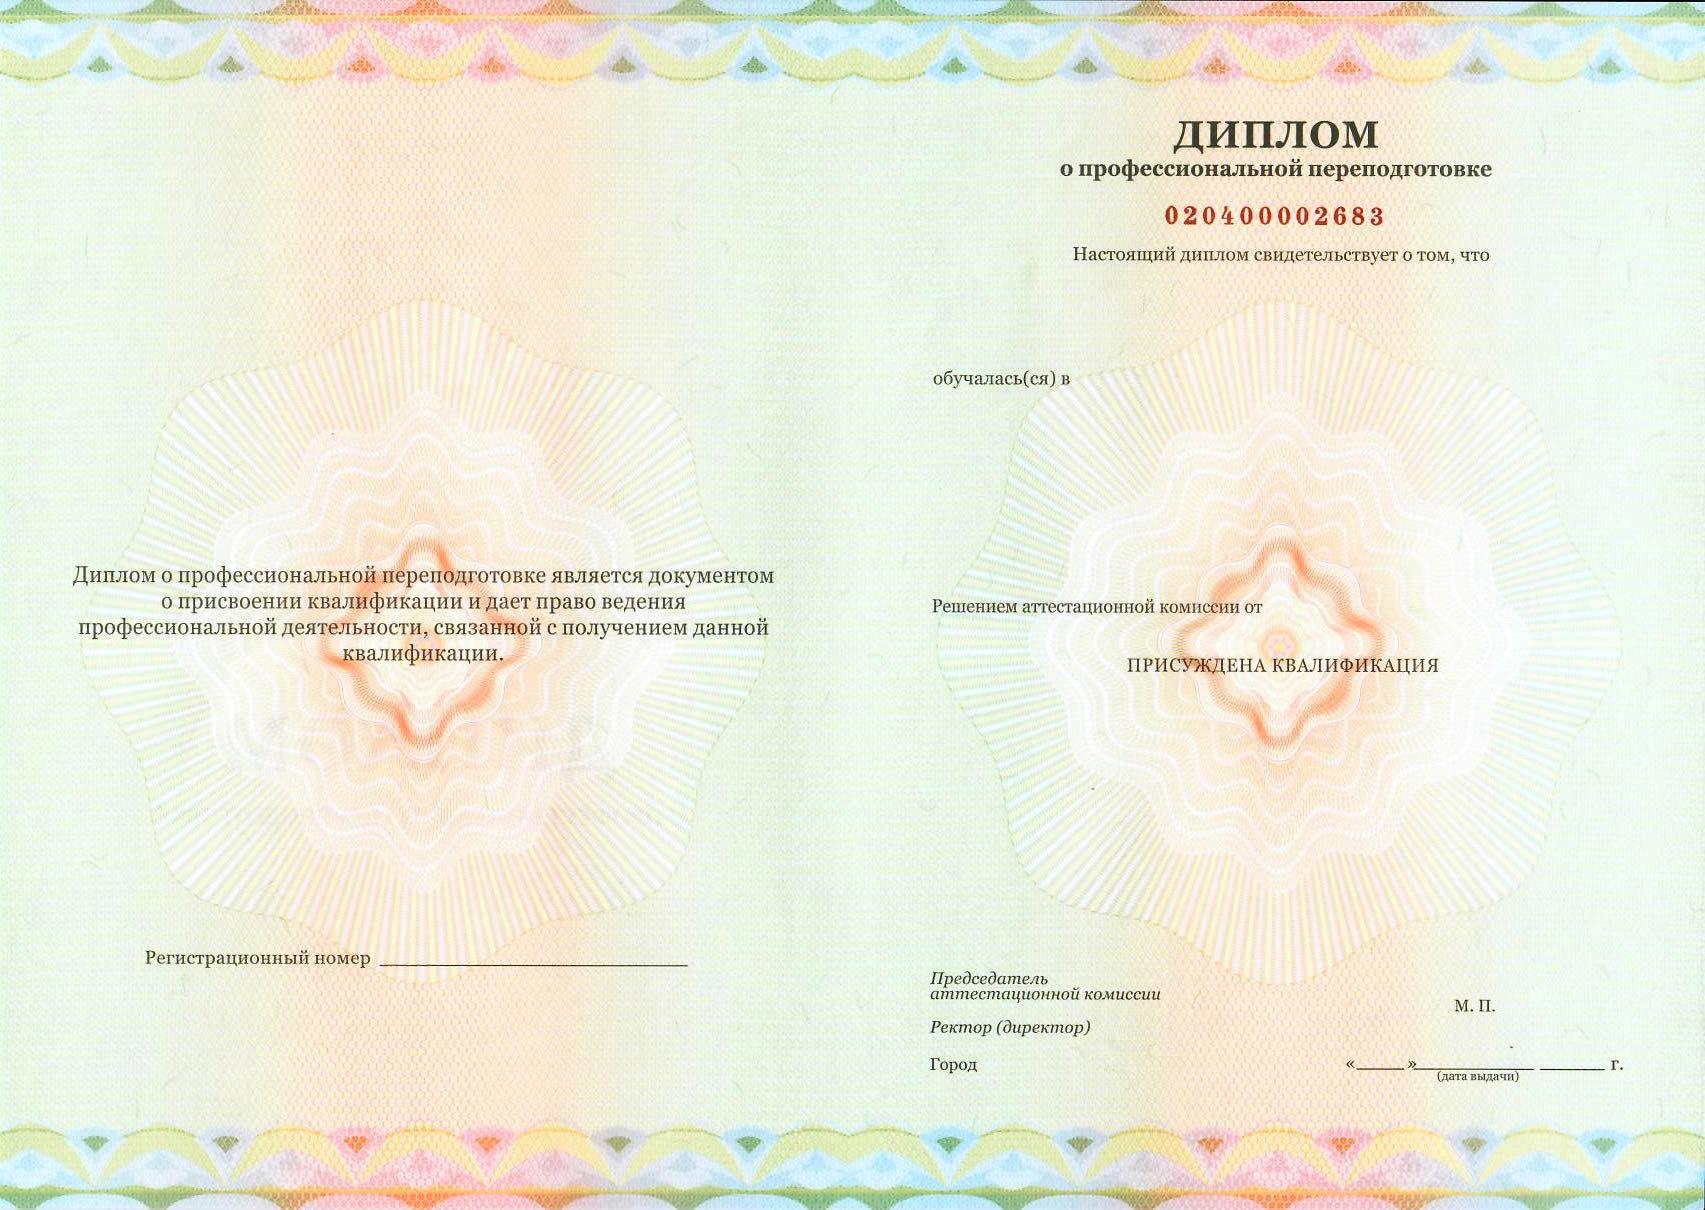 Менеджмент организации Профессиональная Переподготовка РосТехПром Диплом о Профессиональной Переподготовке